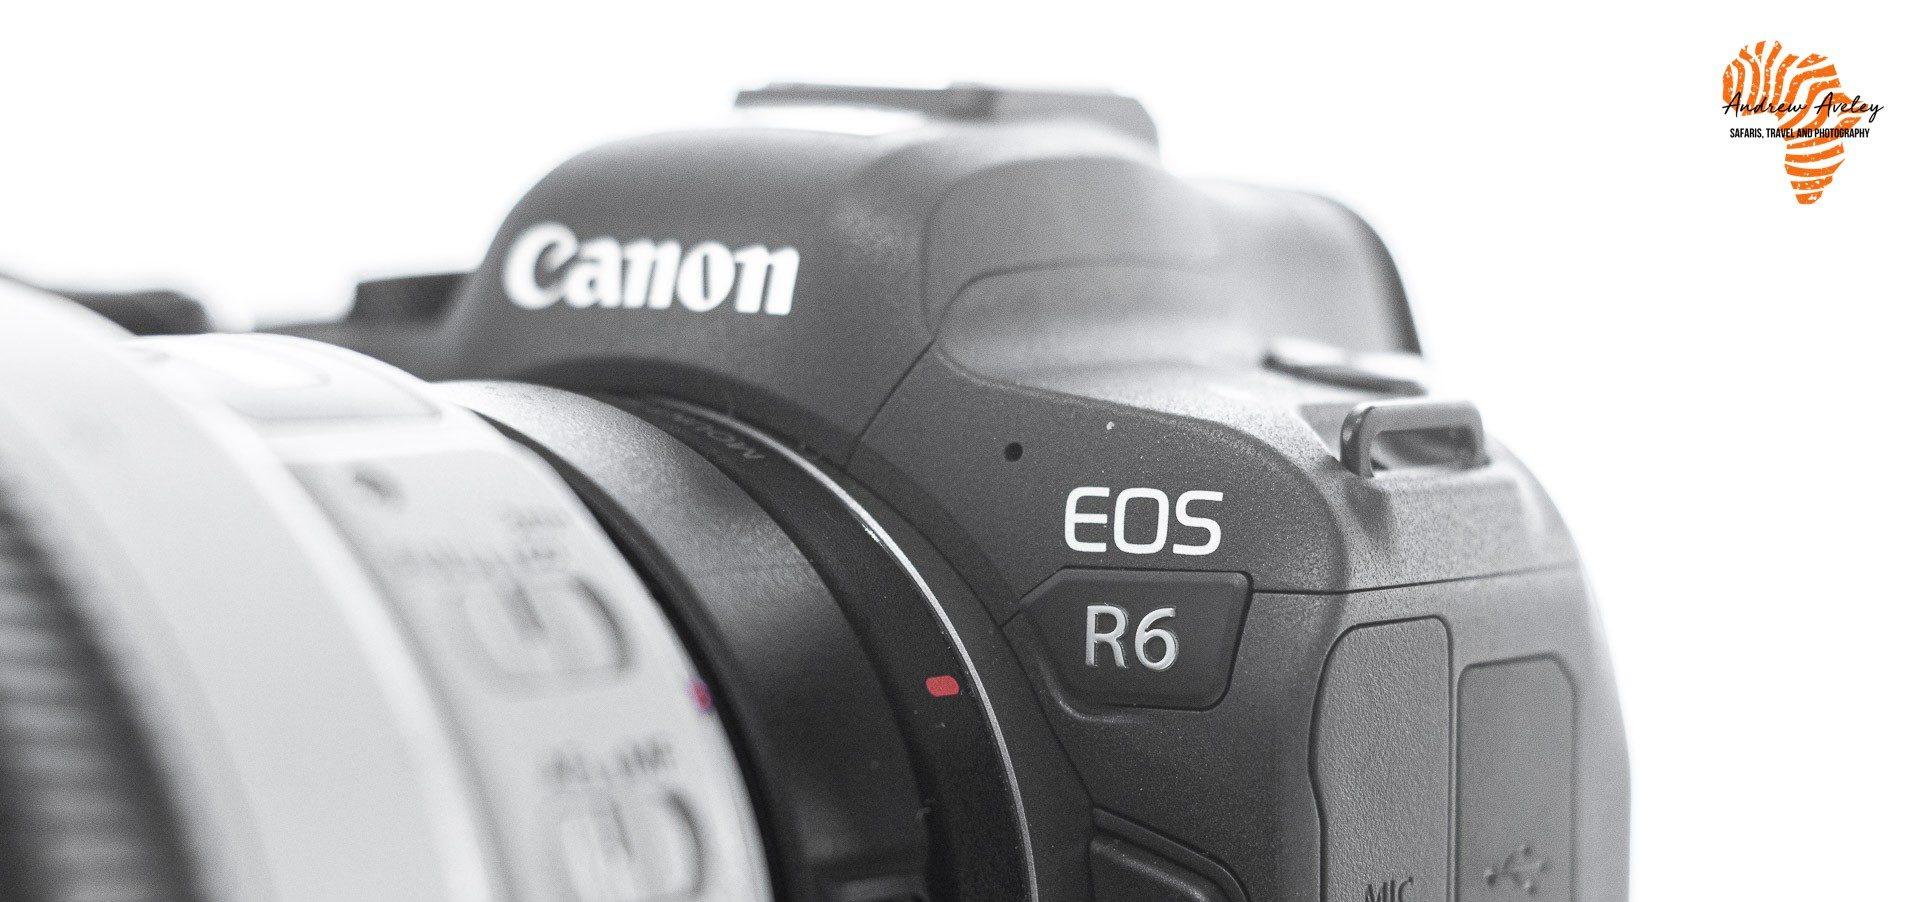 Canon R6 Image